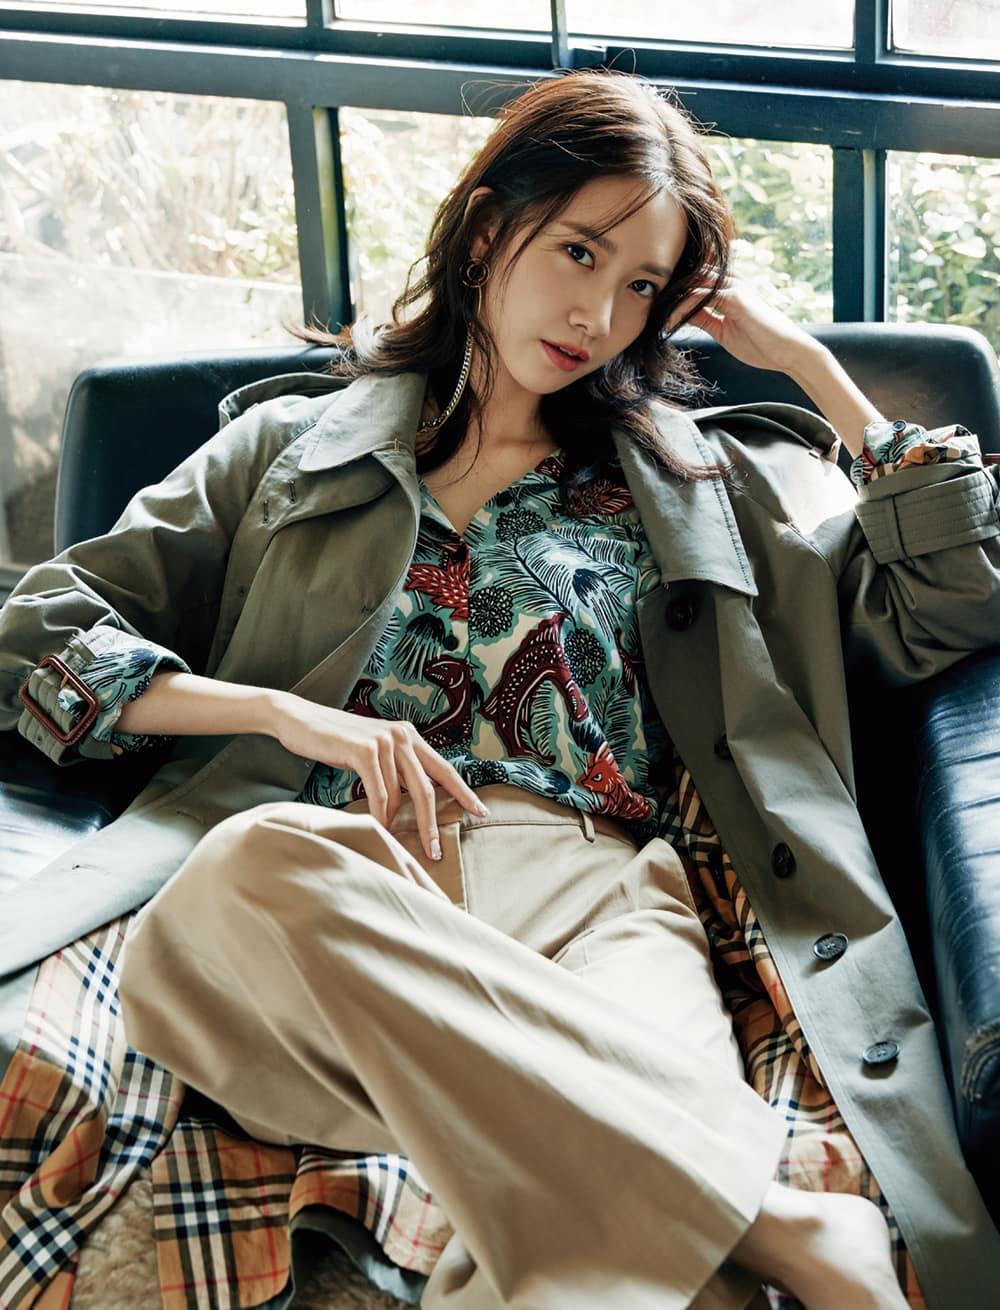 개버딘 소재의 카 코트, 비스트 컬렉션 실크 소재 셔츠, 면 소재 팬츠는 모두 버버리. 새틴